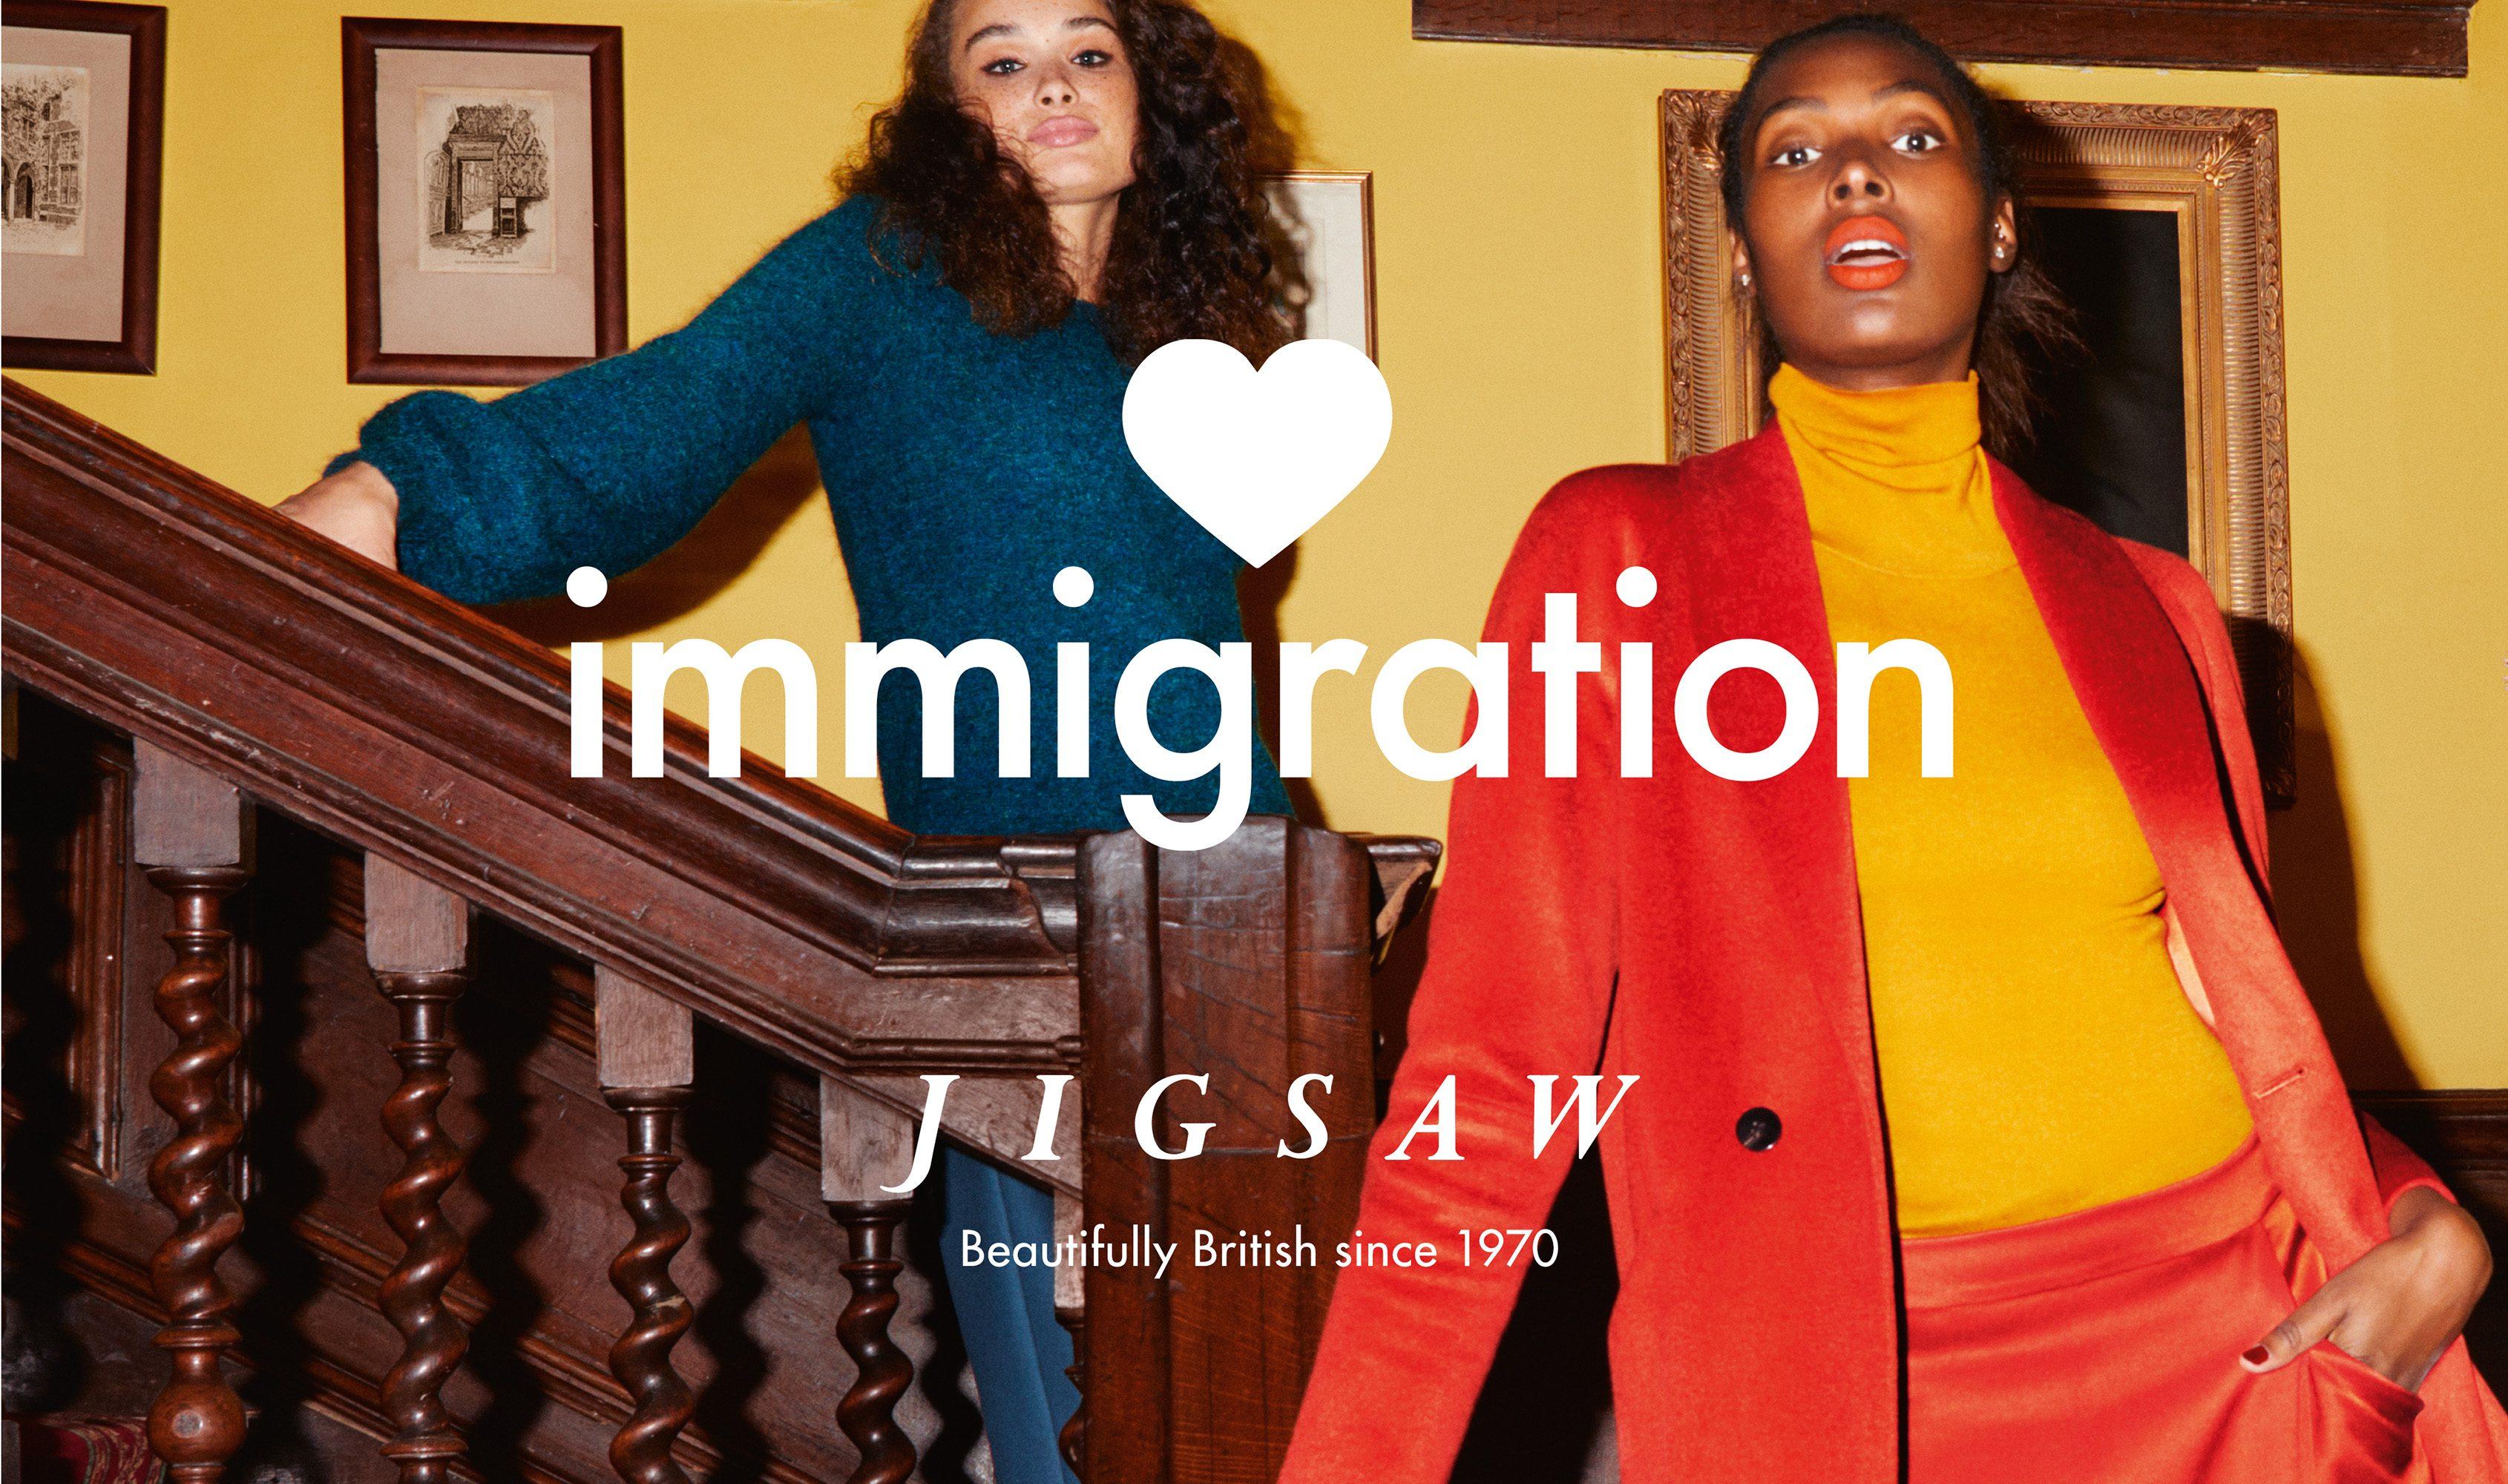 jigsaw2.jpg